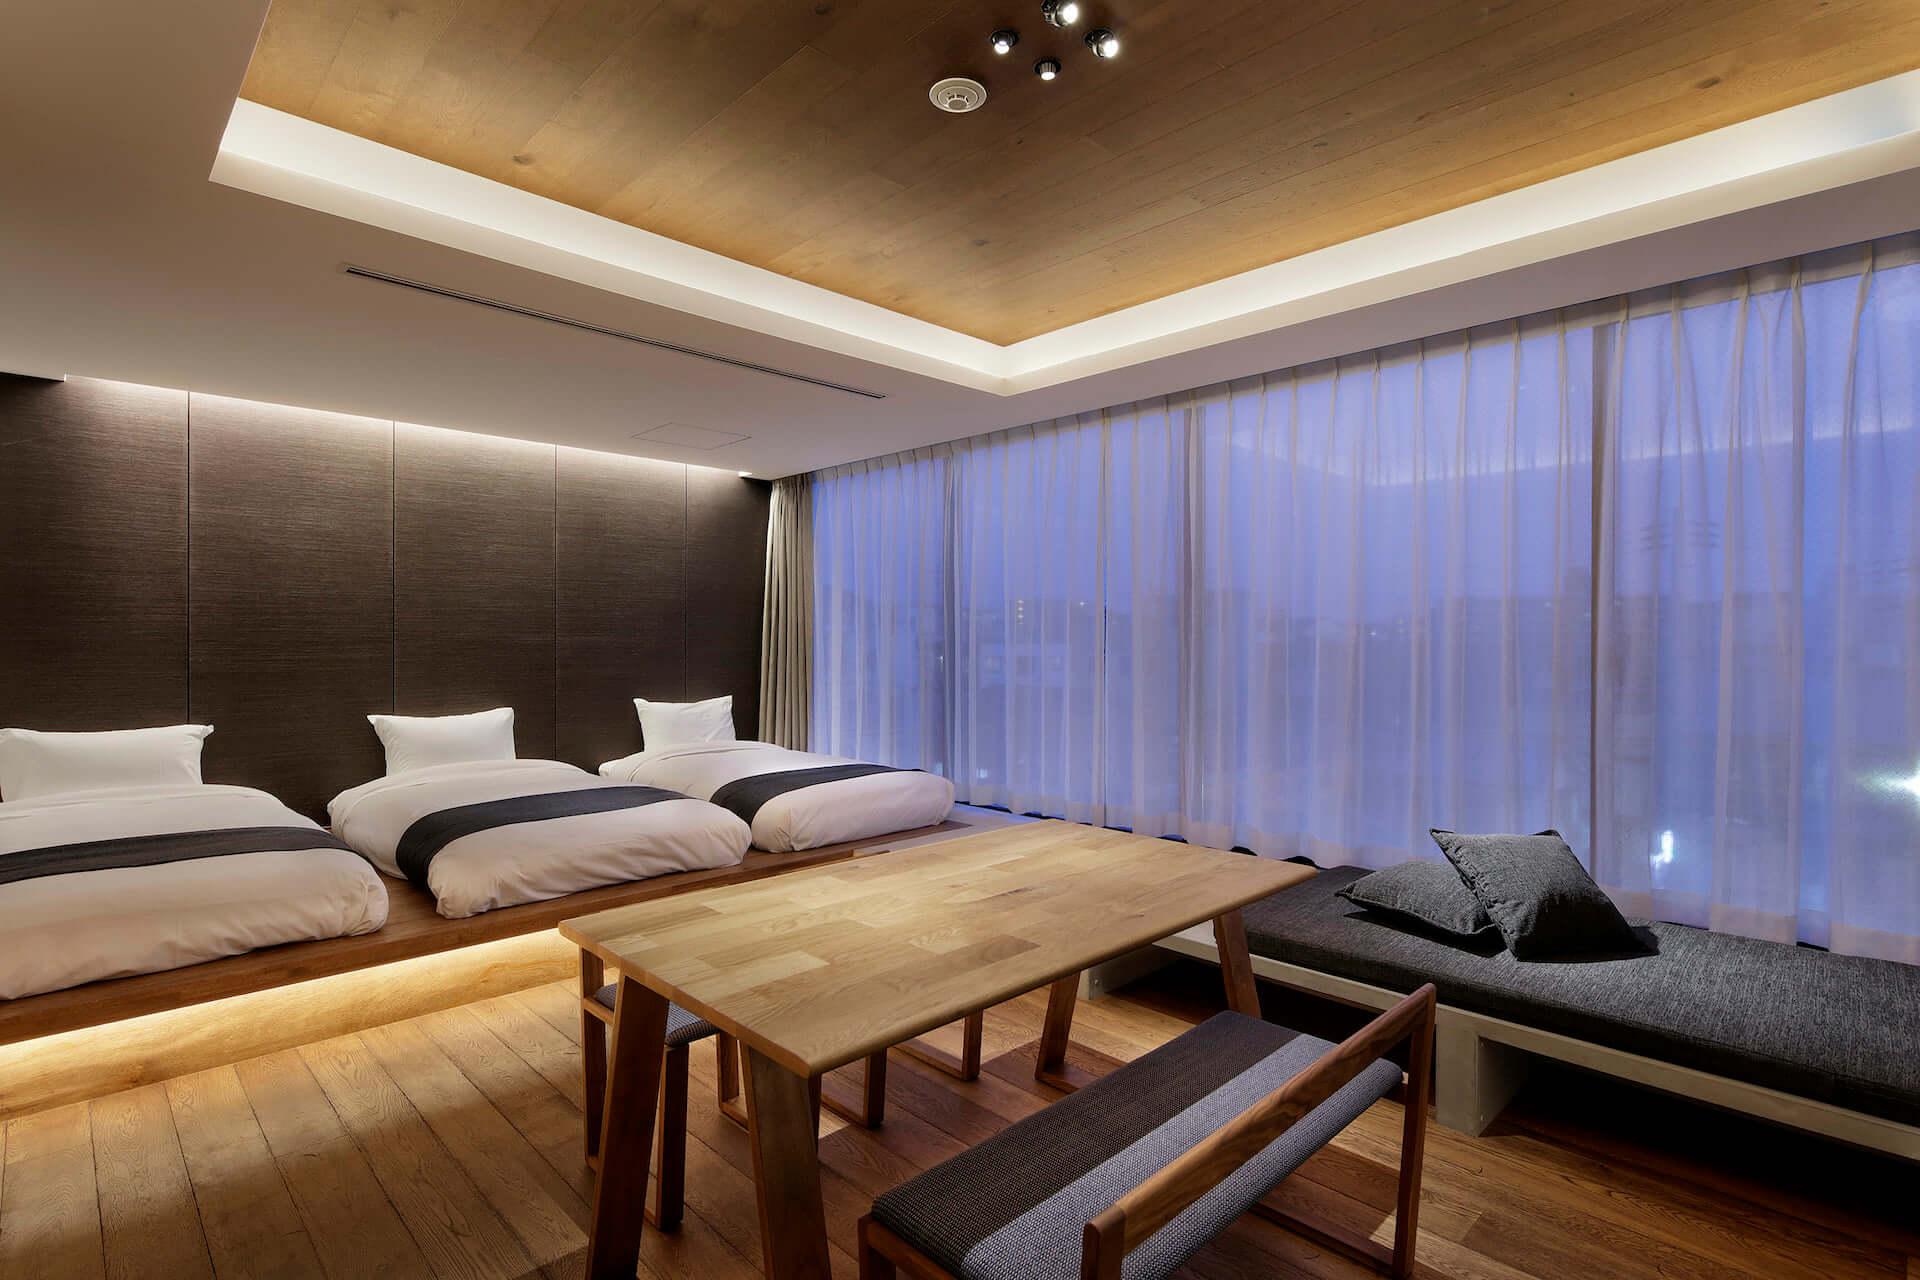 スタジオタイプの隠れ家ホテル・京都「22 PIECES」が営業再開決定!無料招待券のプレゼント企画も実施 lf201022_22pieces_13-1920x1280